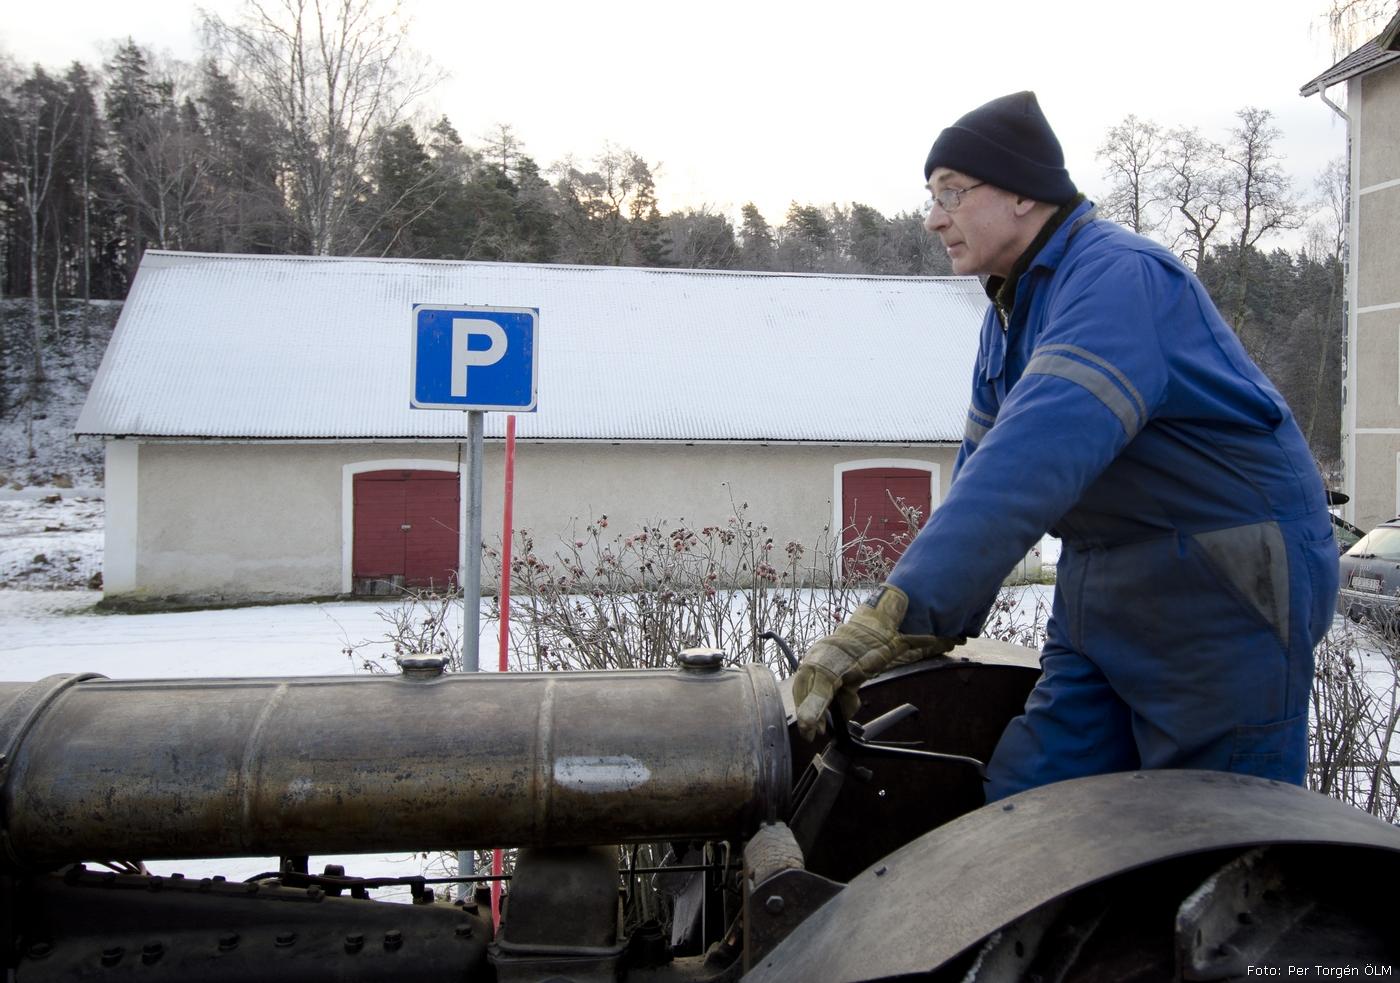 2012-02-10_063_Tekniska_kvarnen